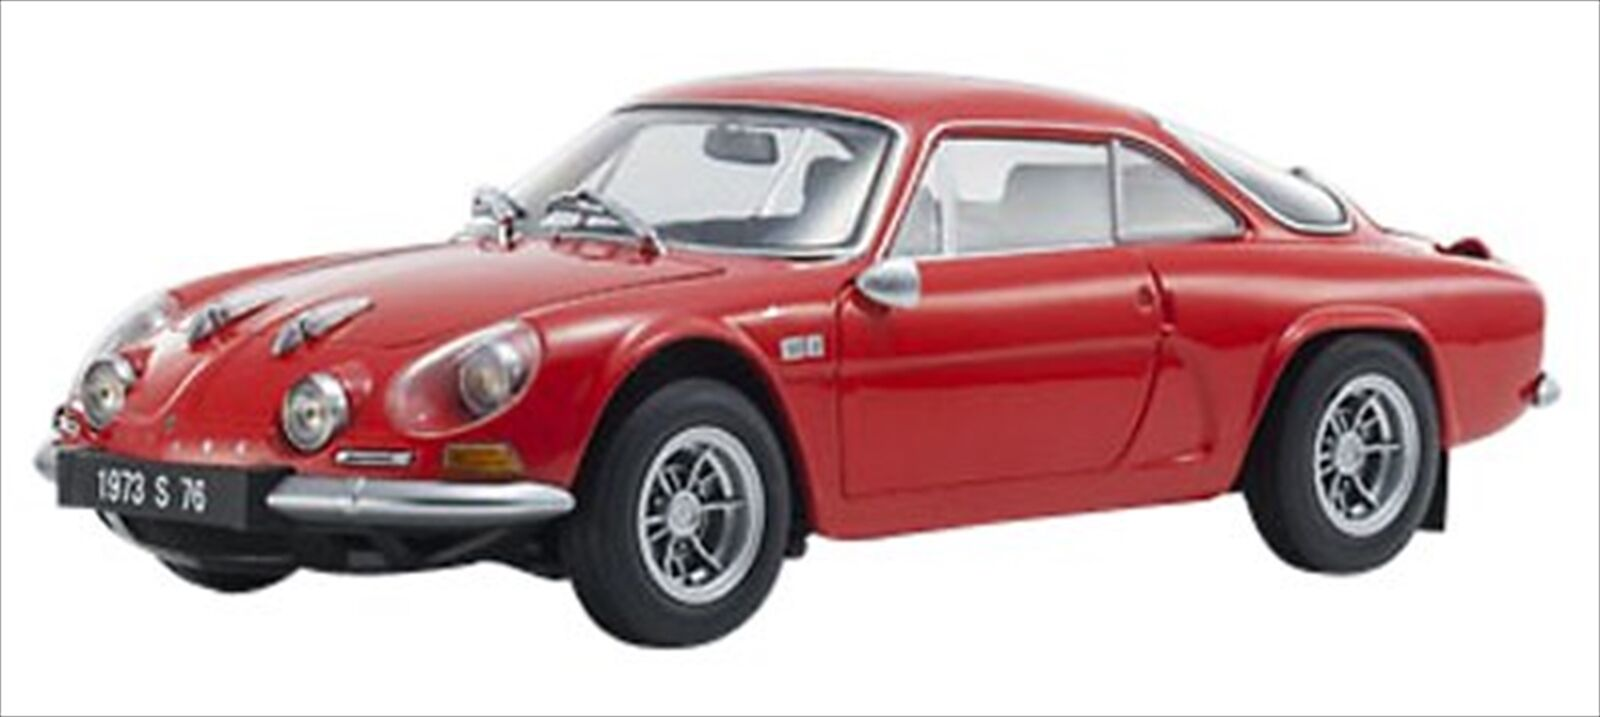 Kyosho Original 1 18 Renault Alpine A110 1600S rosso Diecast Modelo 8484R